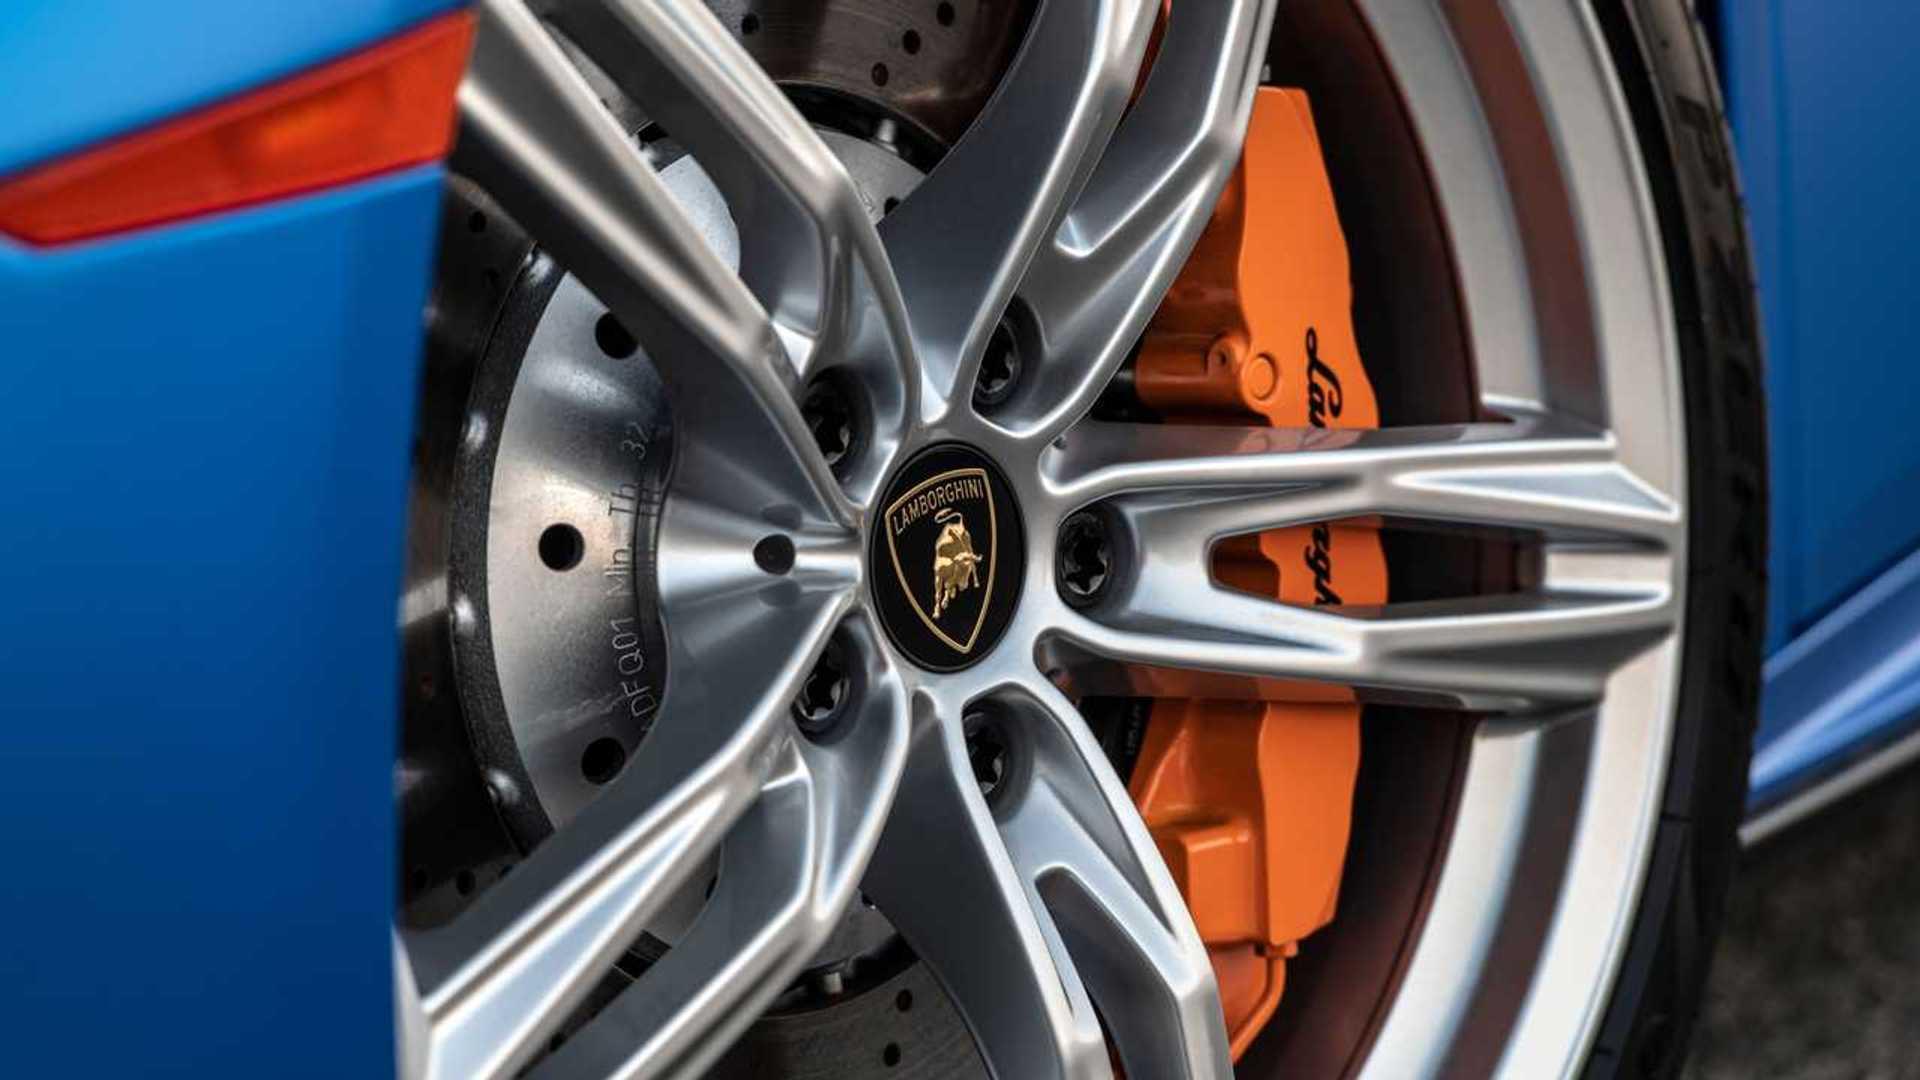 2020 Lamborghini Huracan Evo RWD wheel detail